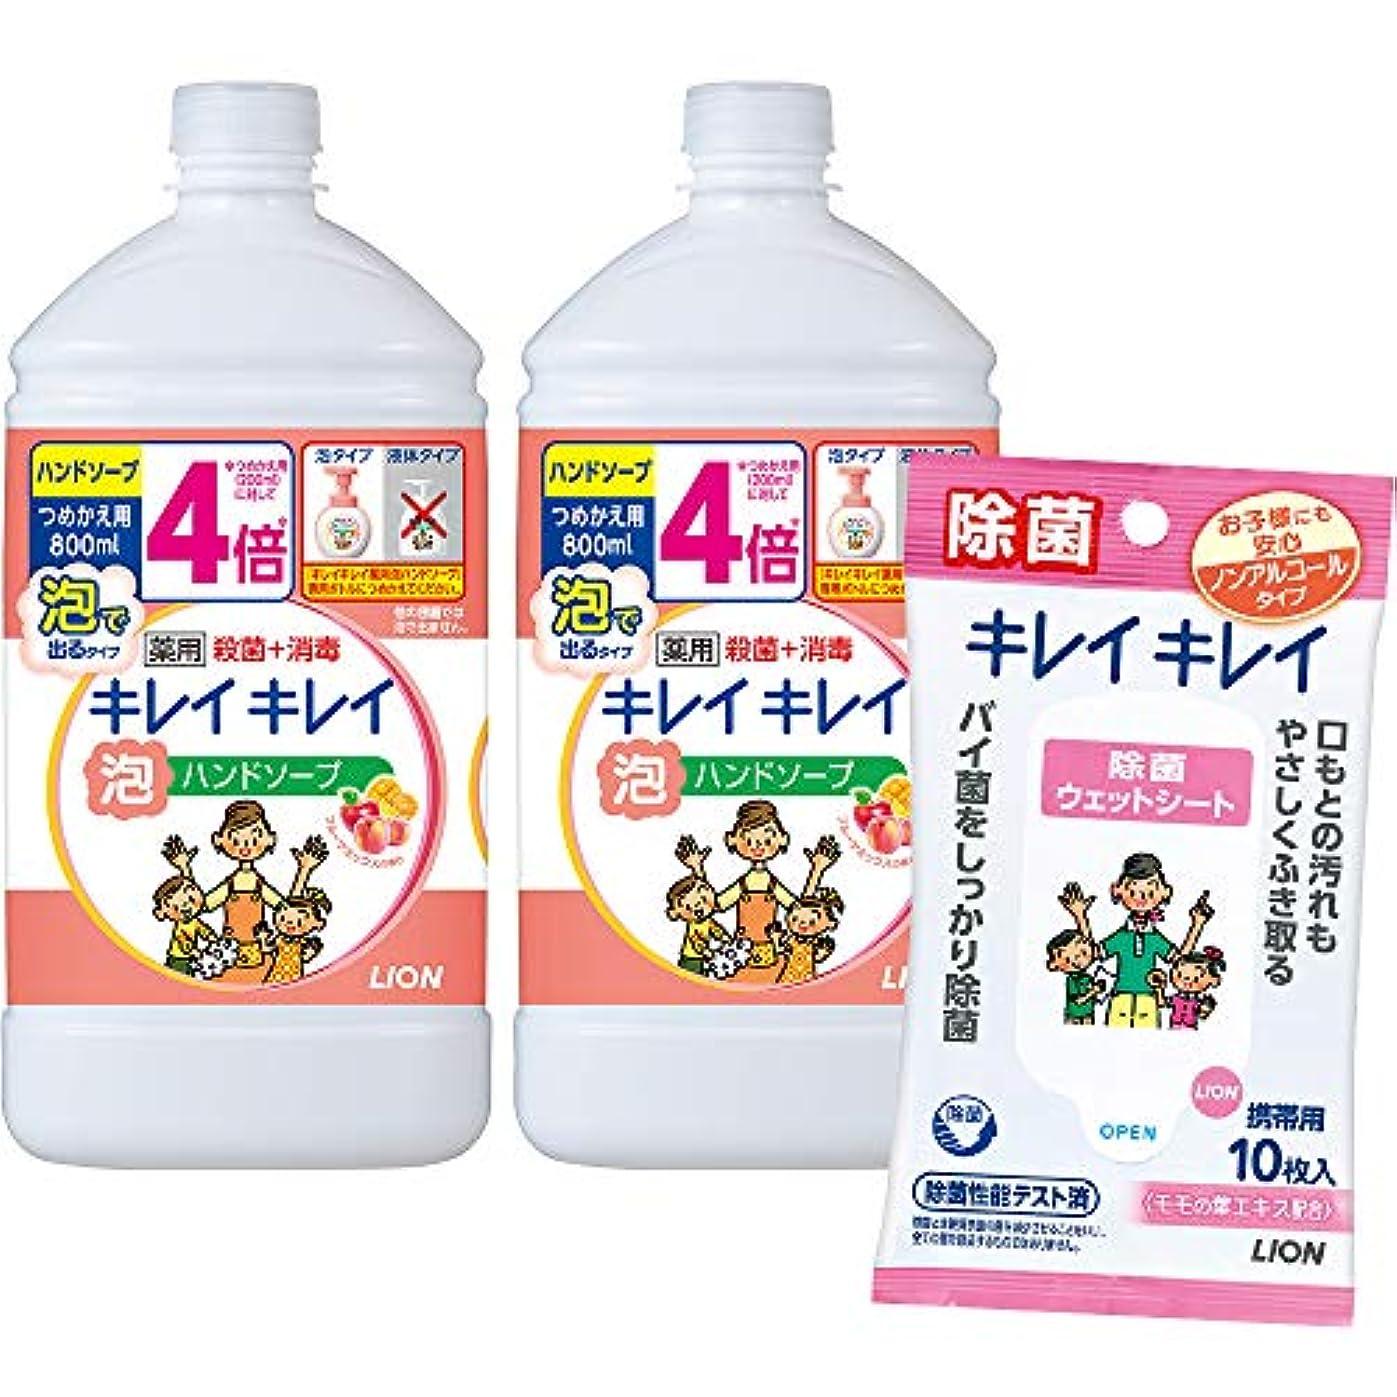 (医薬部外品)【Amazon.co.jp限定】キレイキレイ 薬用 泡ハンドソープ フルーツミックスの香り 詰替特大 800ml×2個 除菌シート付